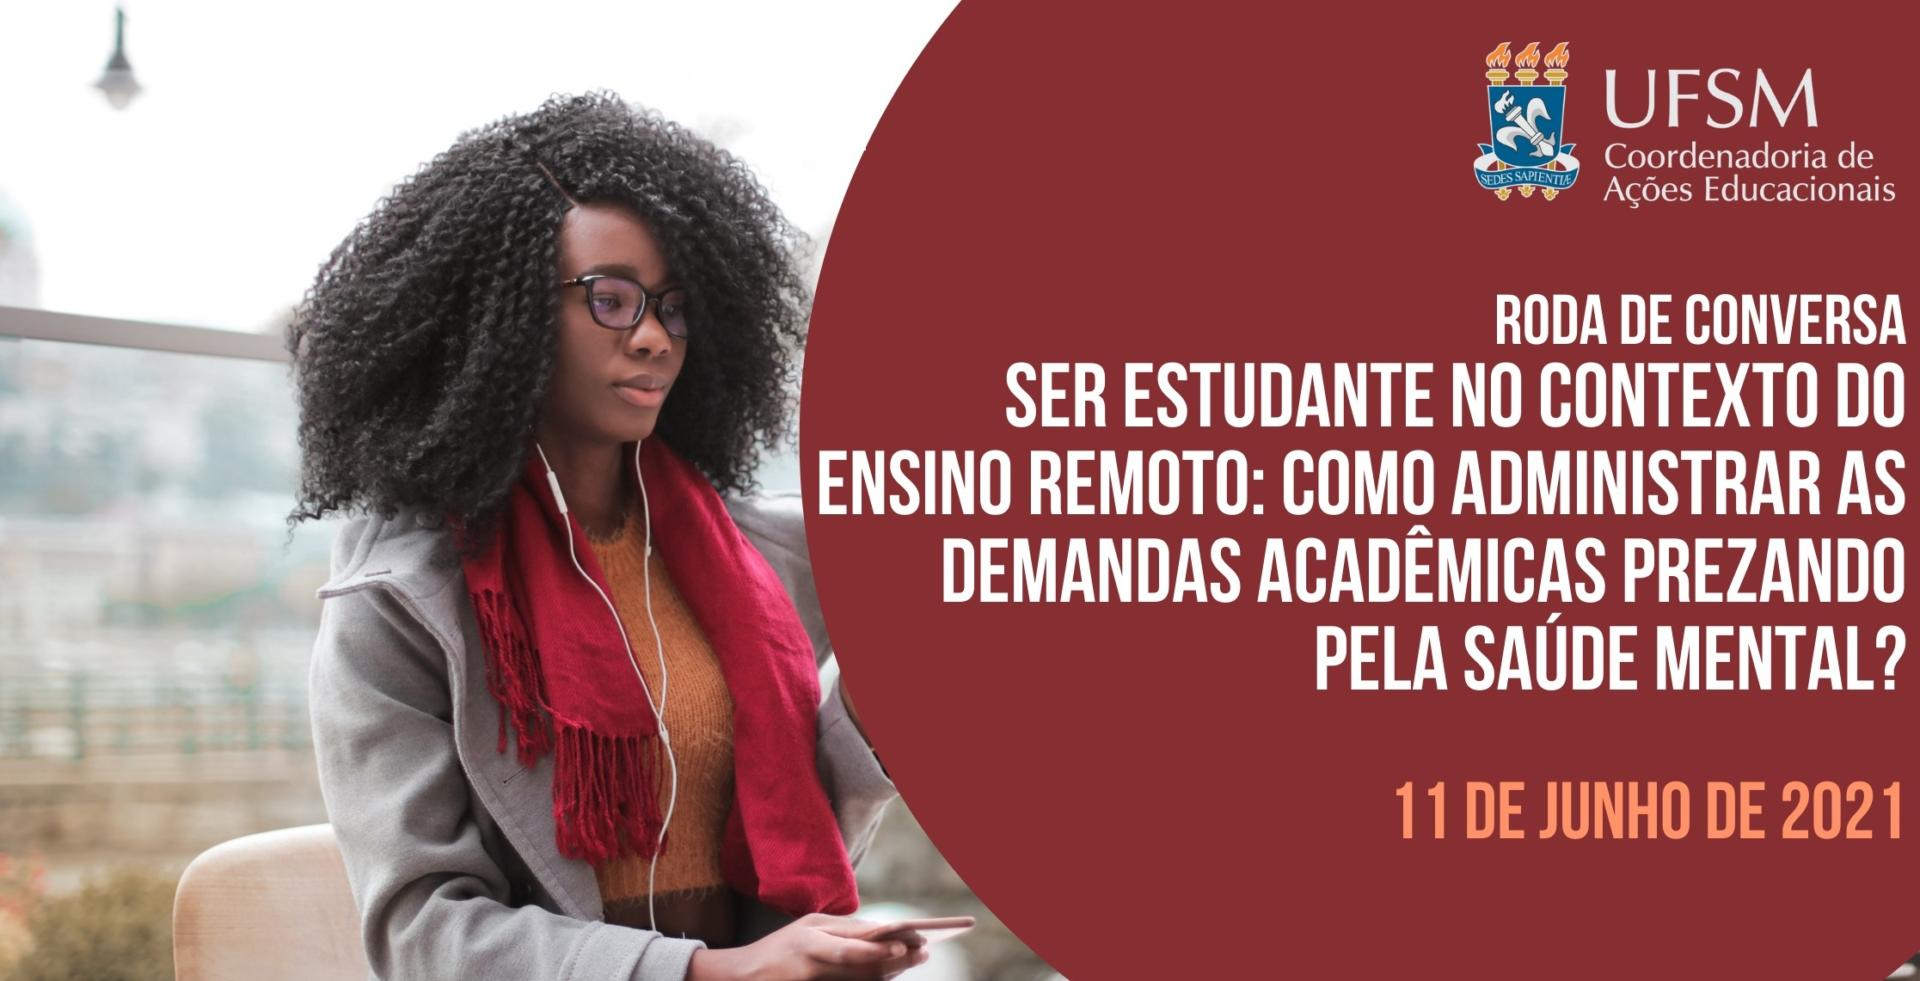 Cartaz Ser estudante no ensino remoto: como administrar demandas acadêmicas prezando pela saúde mental? - 11 de junho de 2021